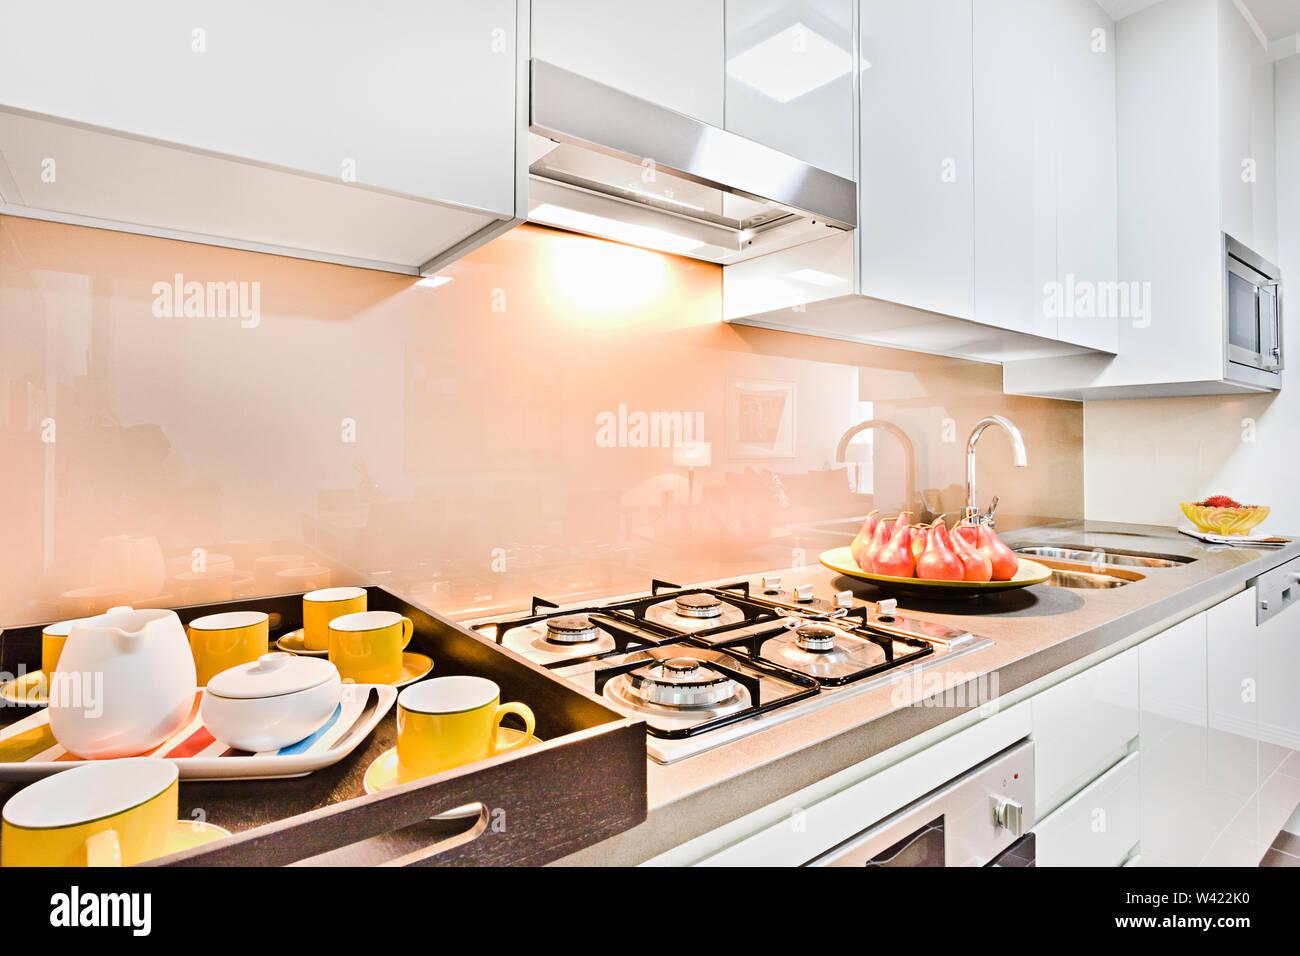 Nettoyer Les Placards De Cuisine cher des articles de cuisine sur pantry placard près de l